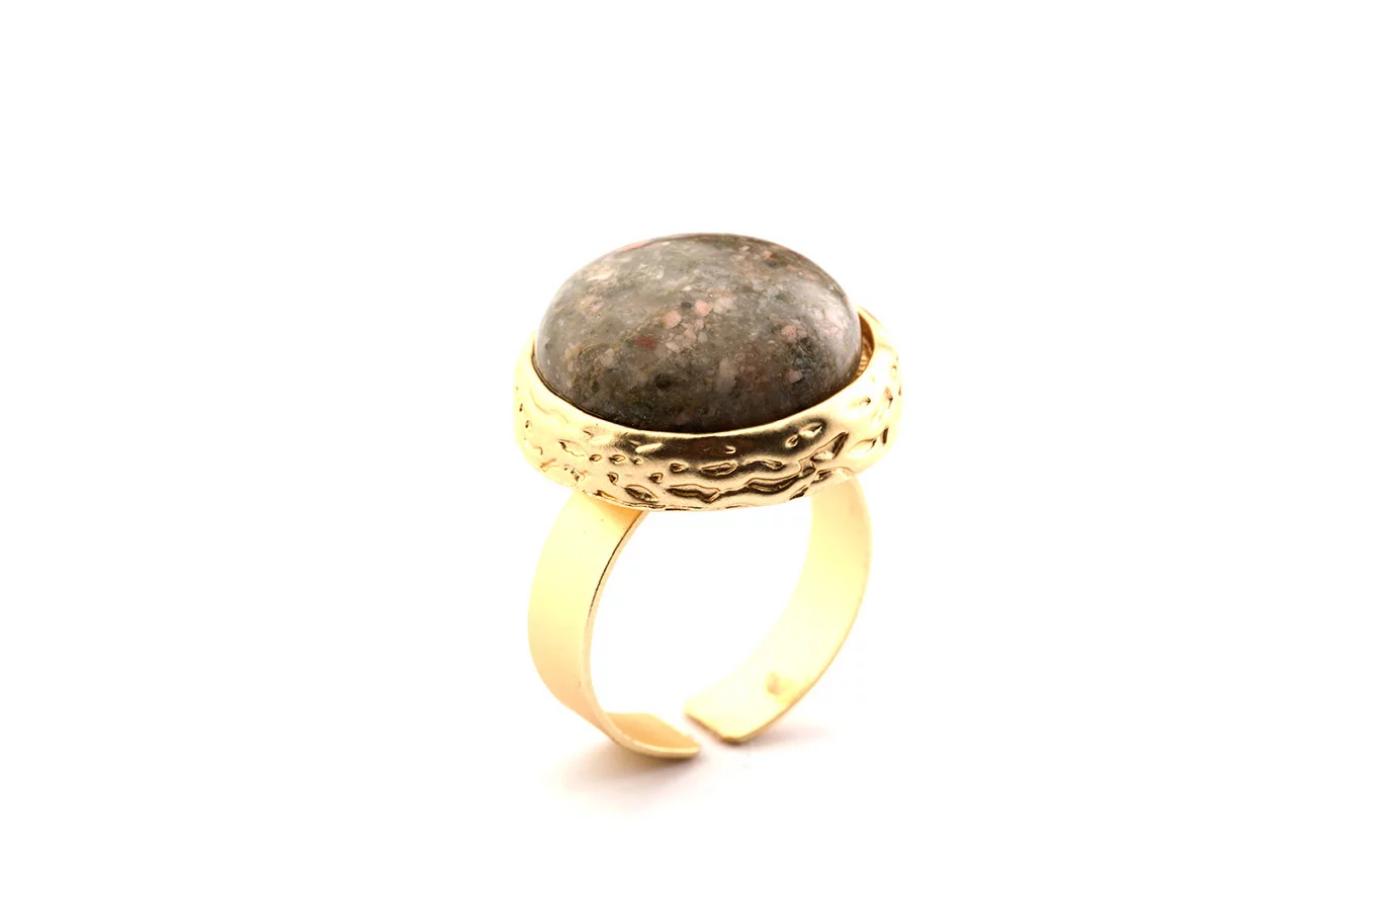 Сонник приснилось кольцо с камнем во сне к чему снится кольцо с камнем